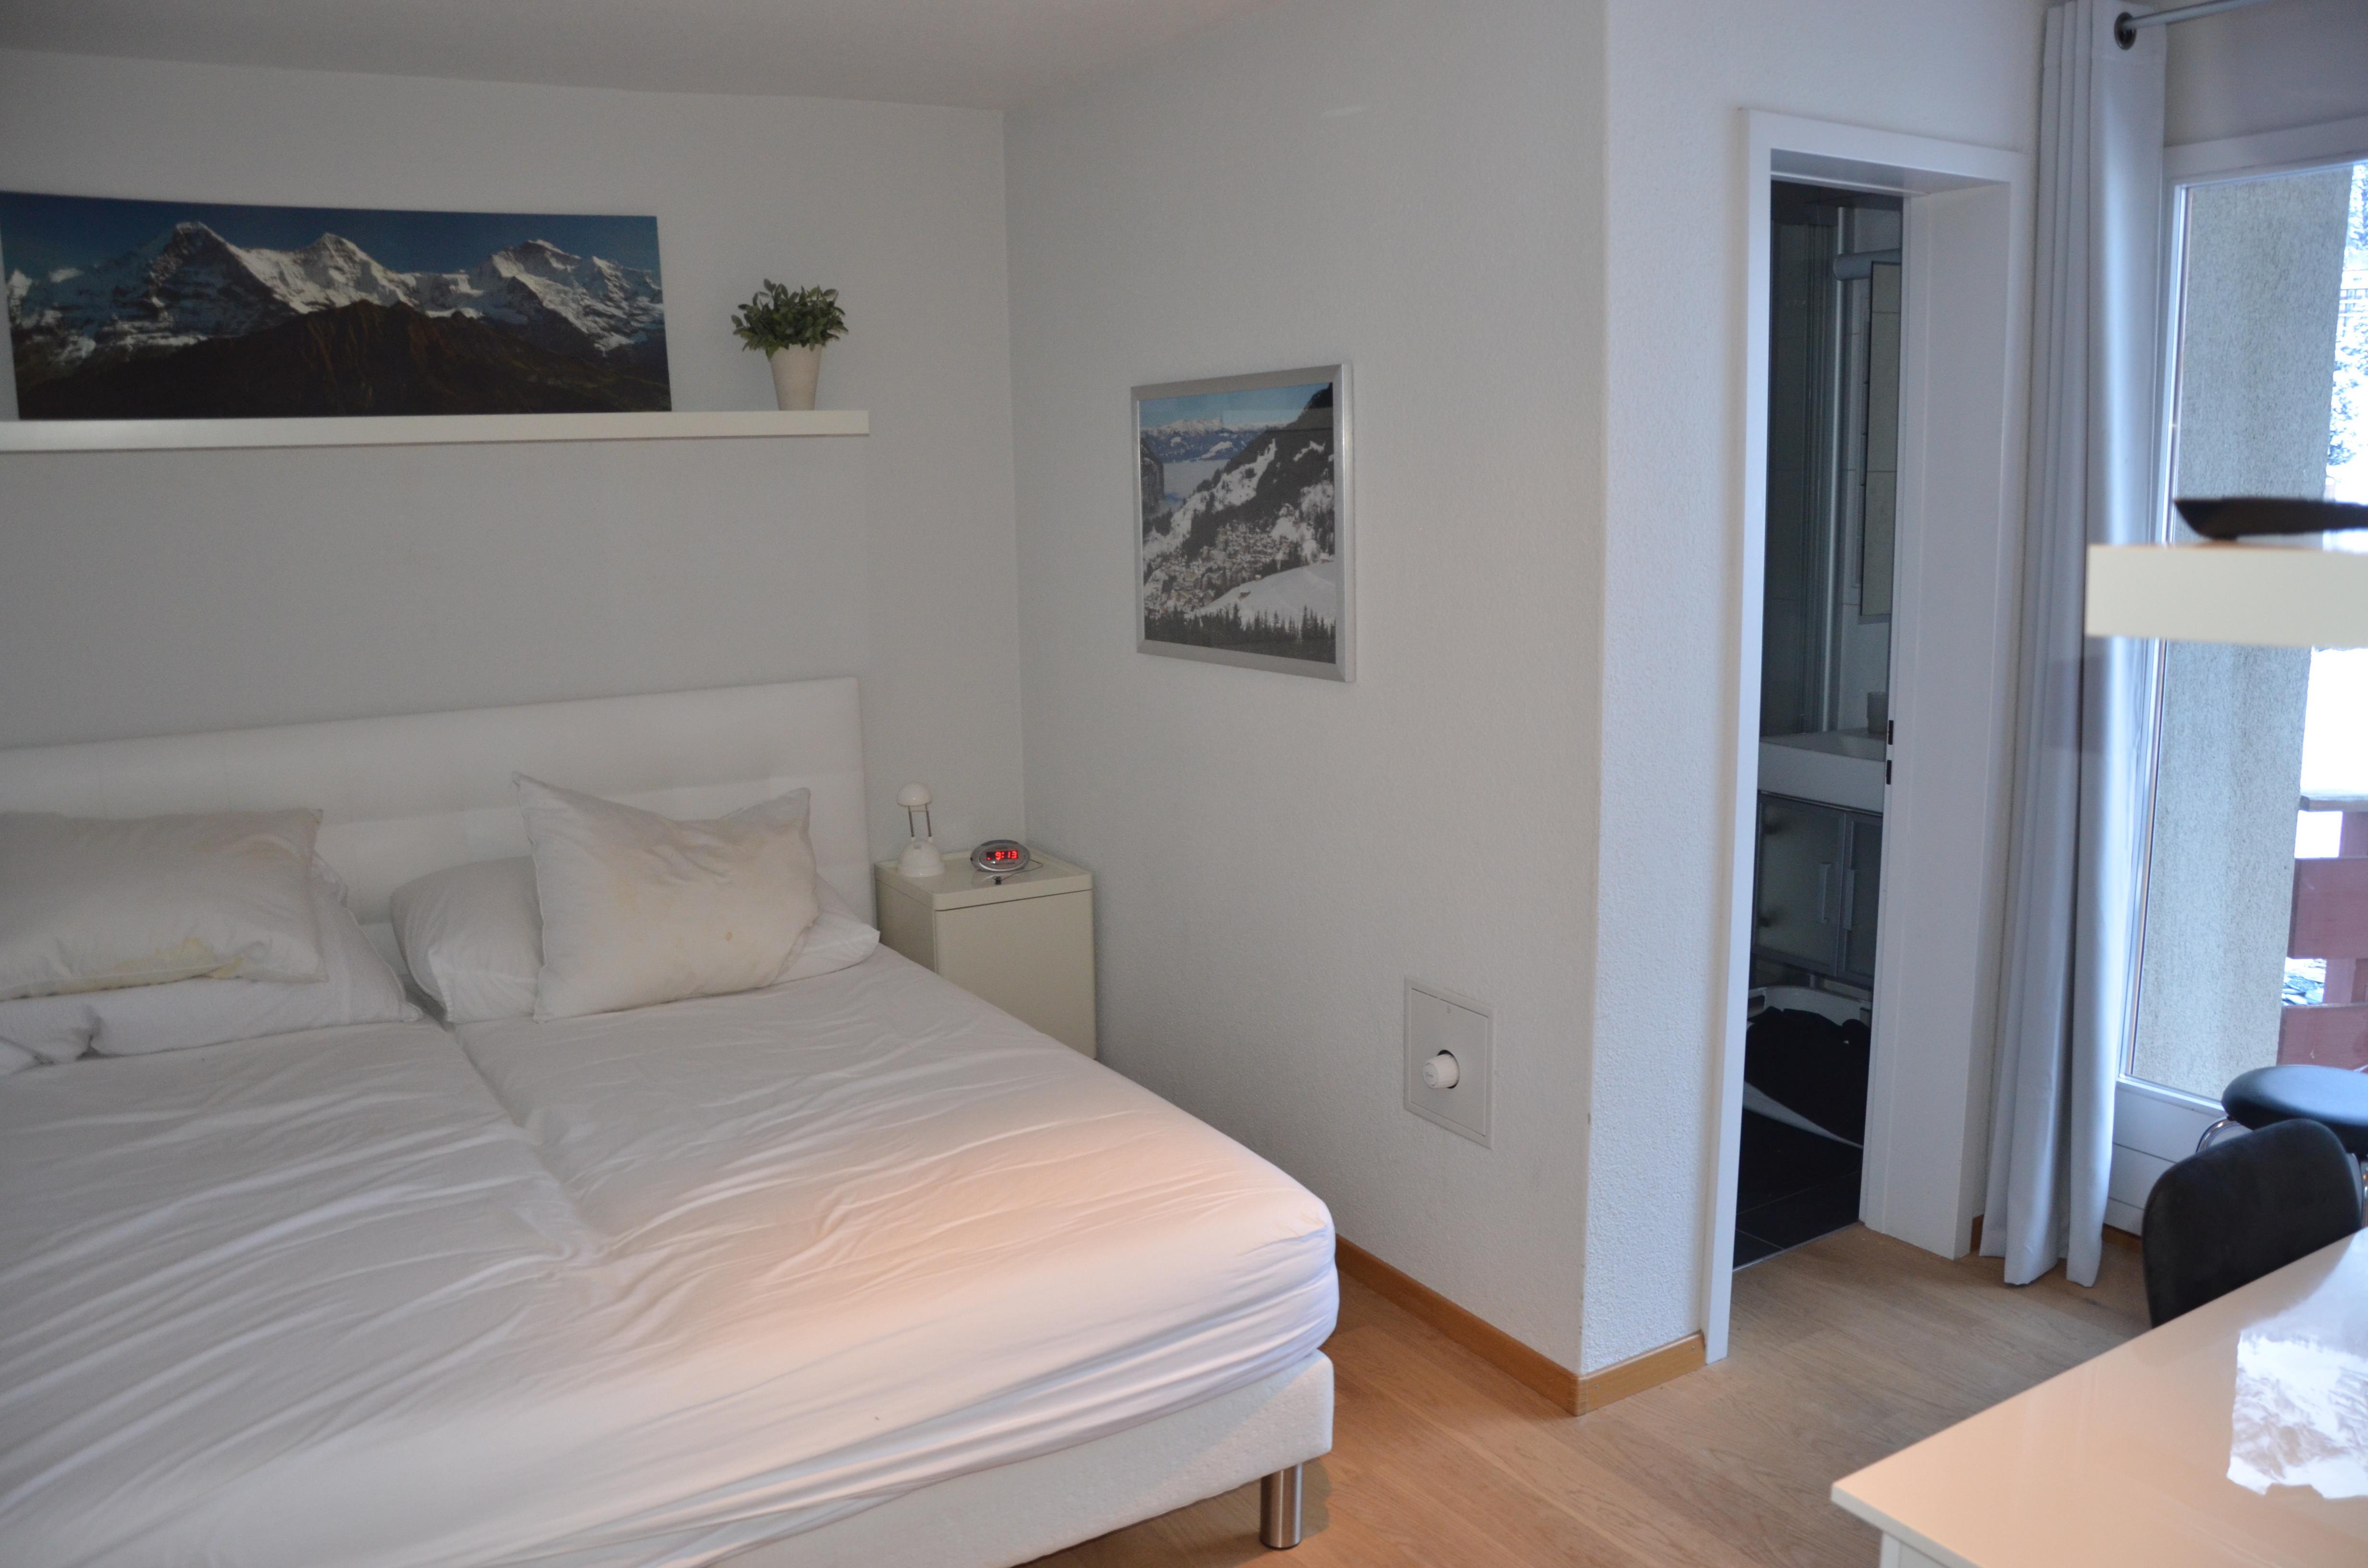 Ferienwohnung Eiger Residence 6 Bett Wohnung (2712549), Wengen, Jungfrauregion, Berner Oberland, Schweiz, Bild 6